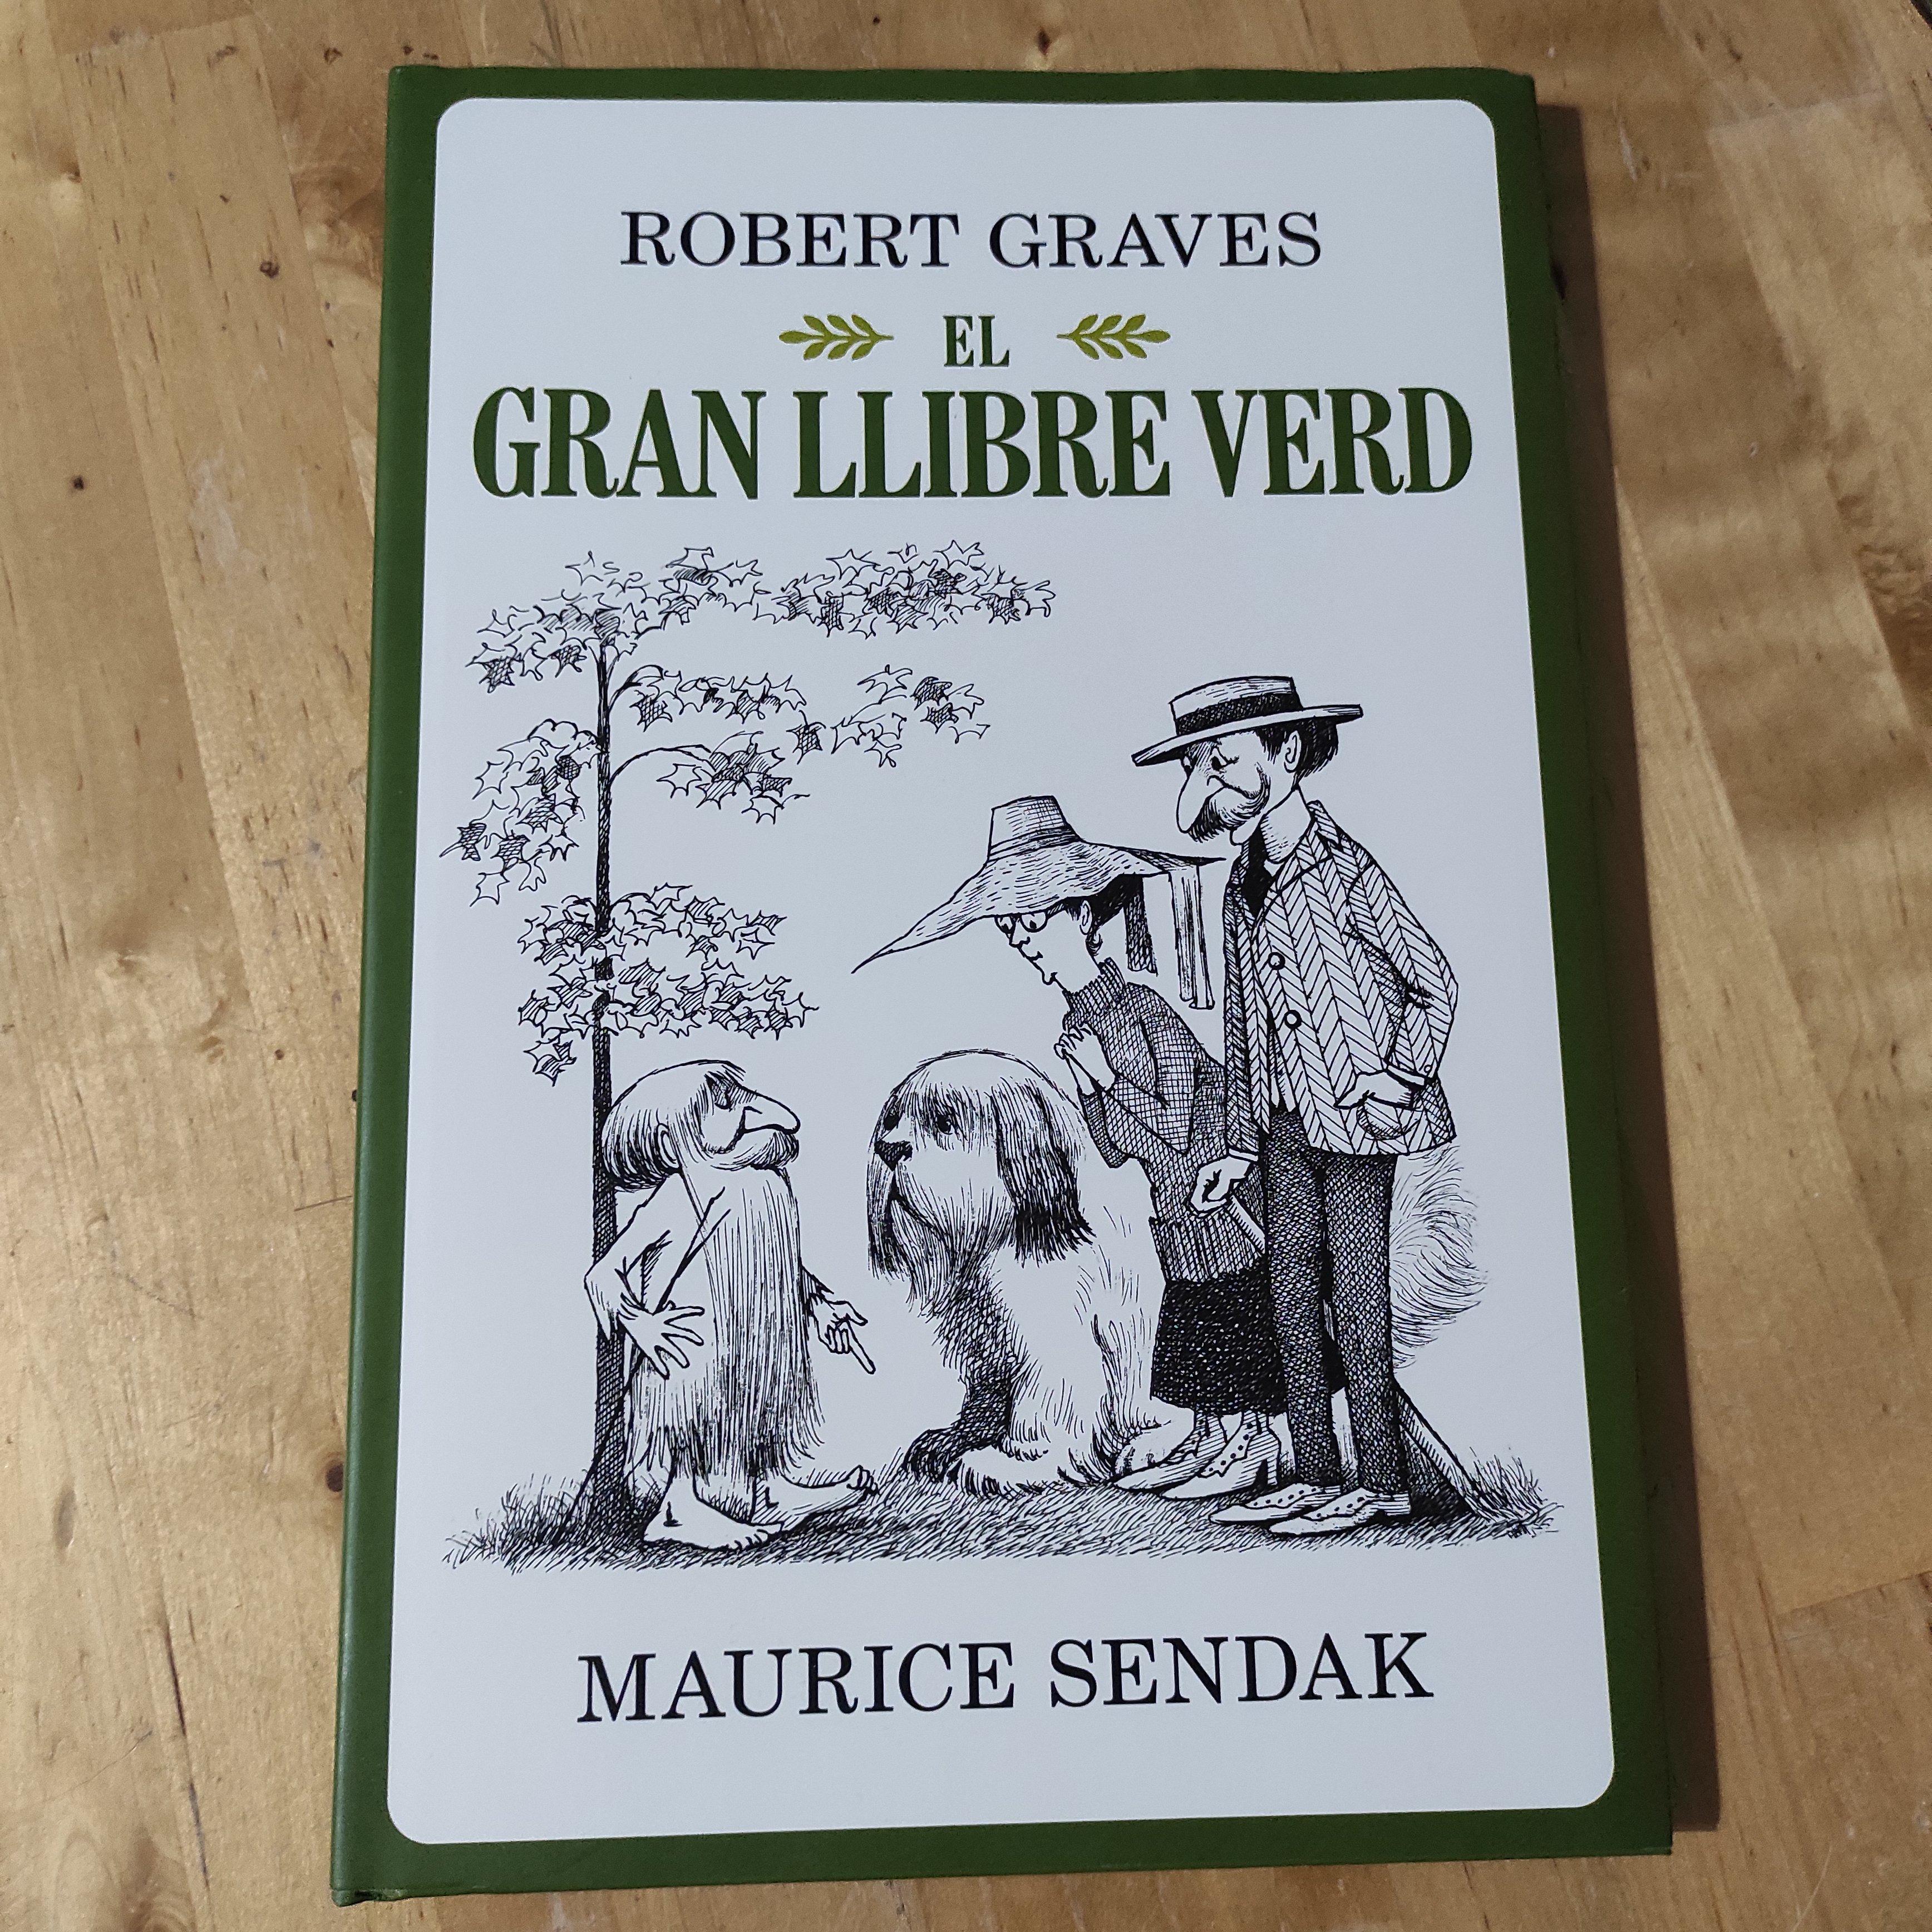 El gran llibre verd de Robert Graves i Maurice Sendak